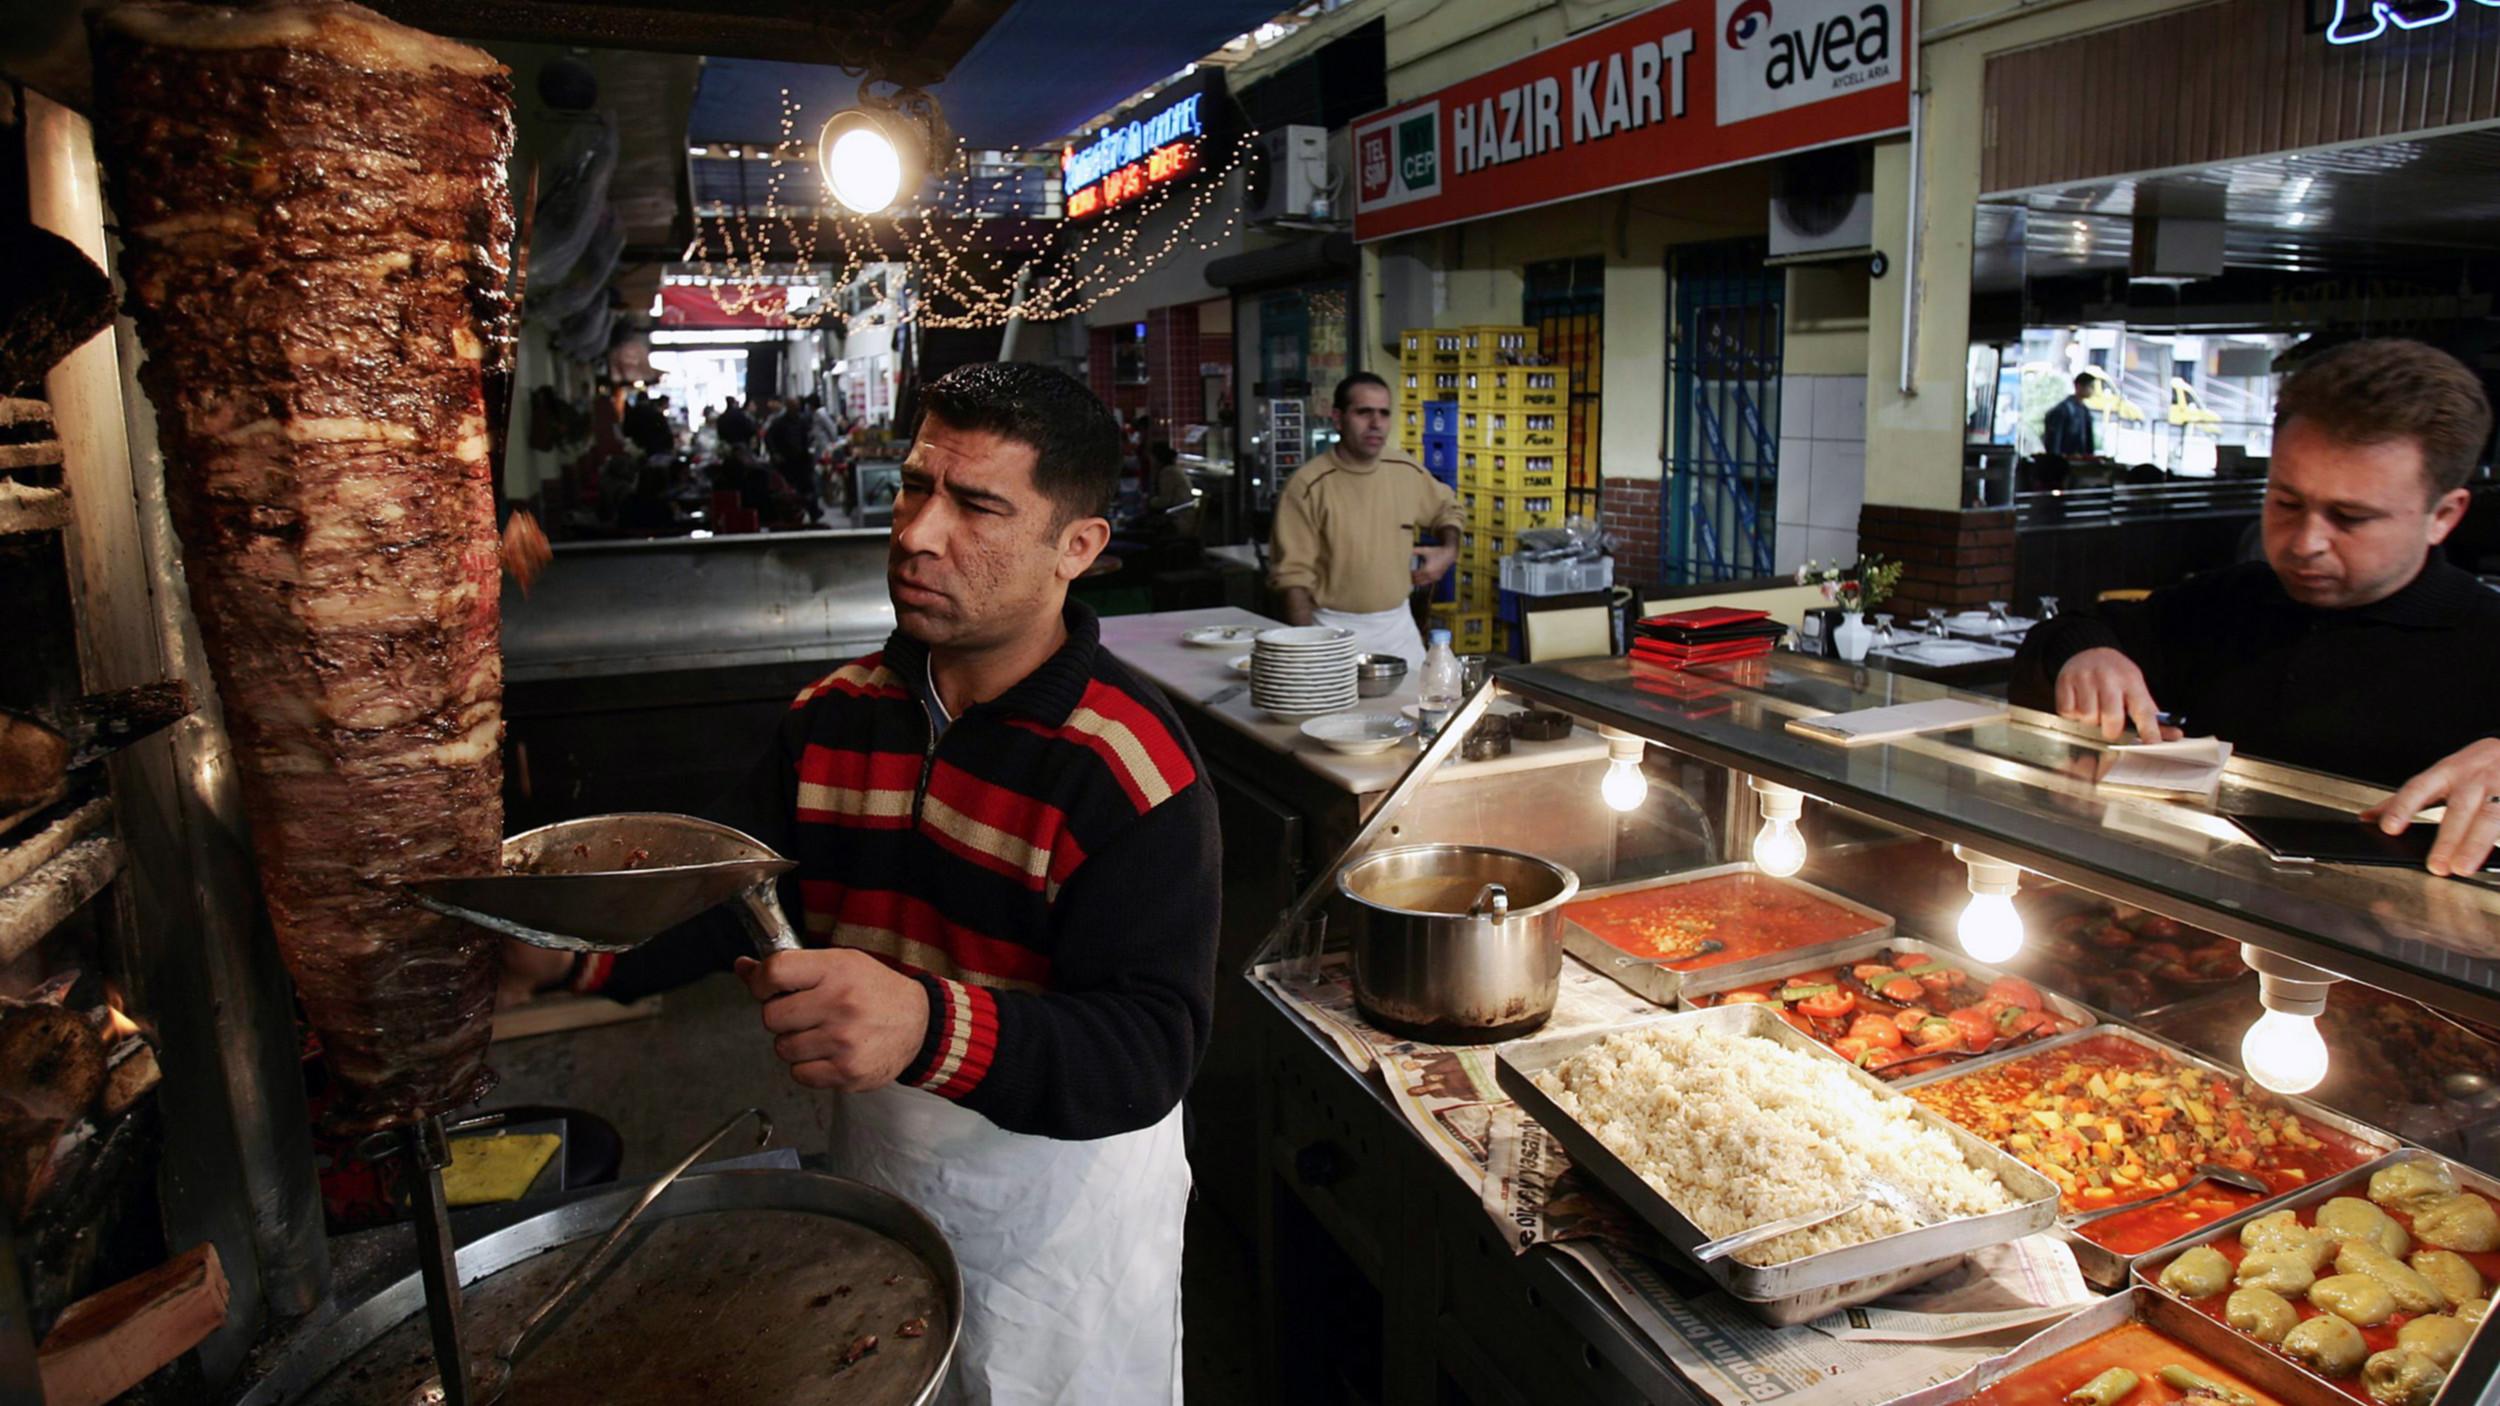 doner kebabs for all